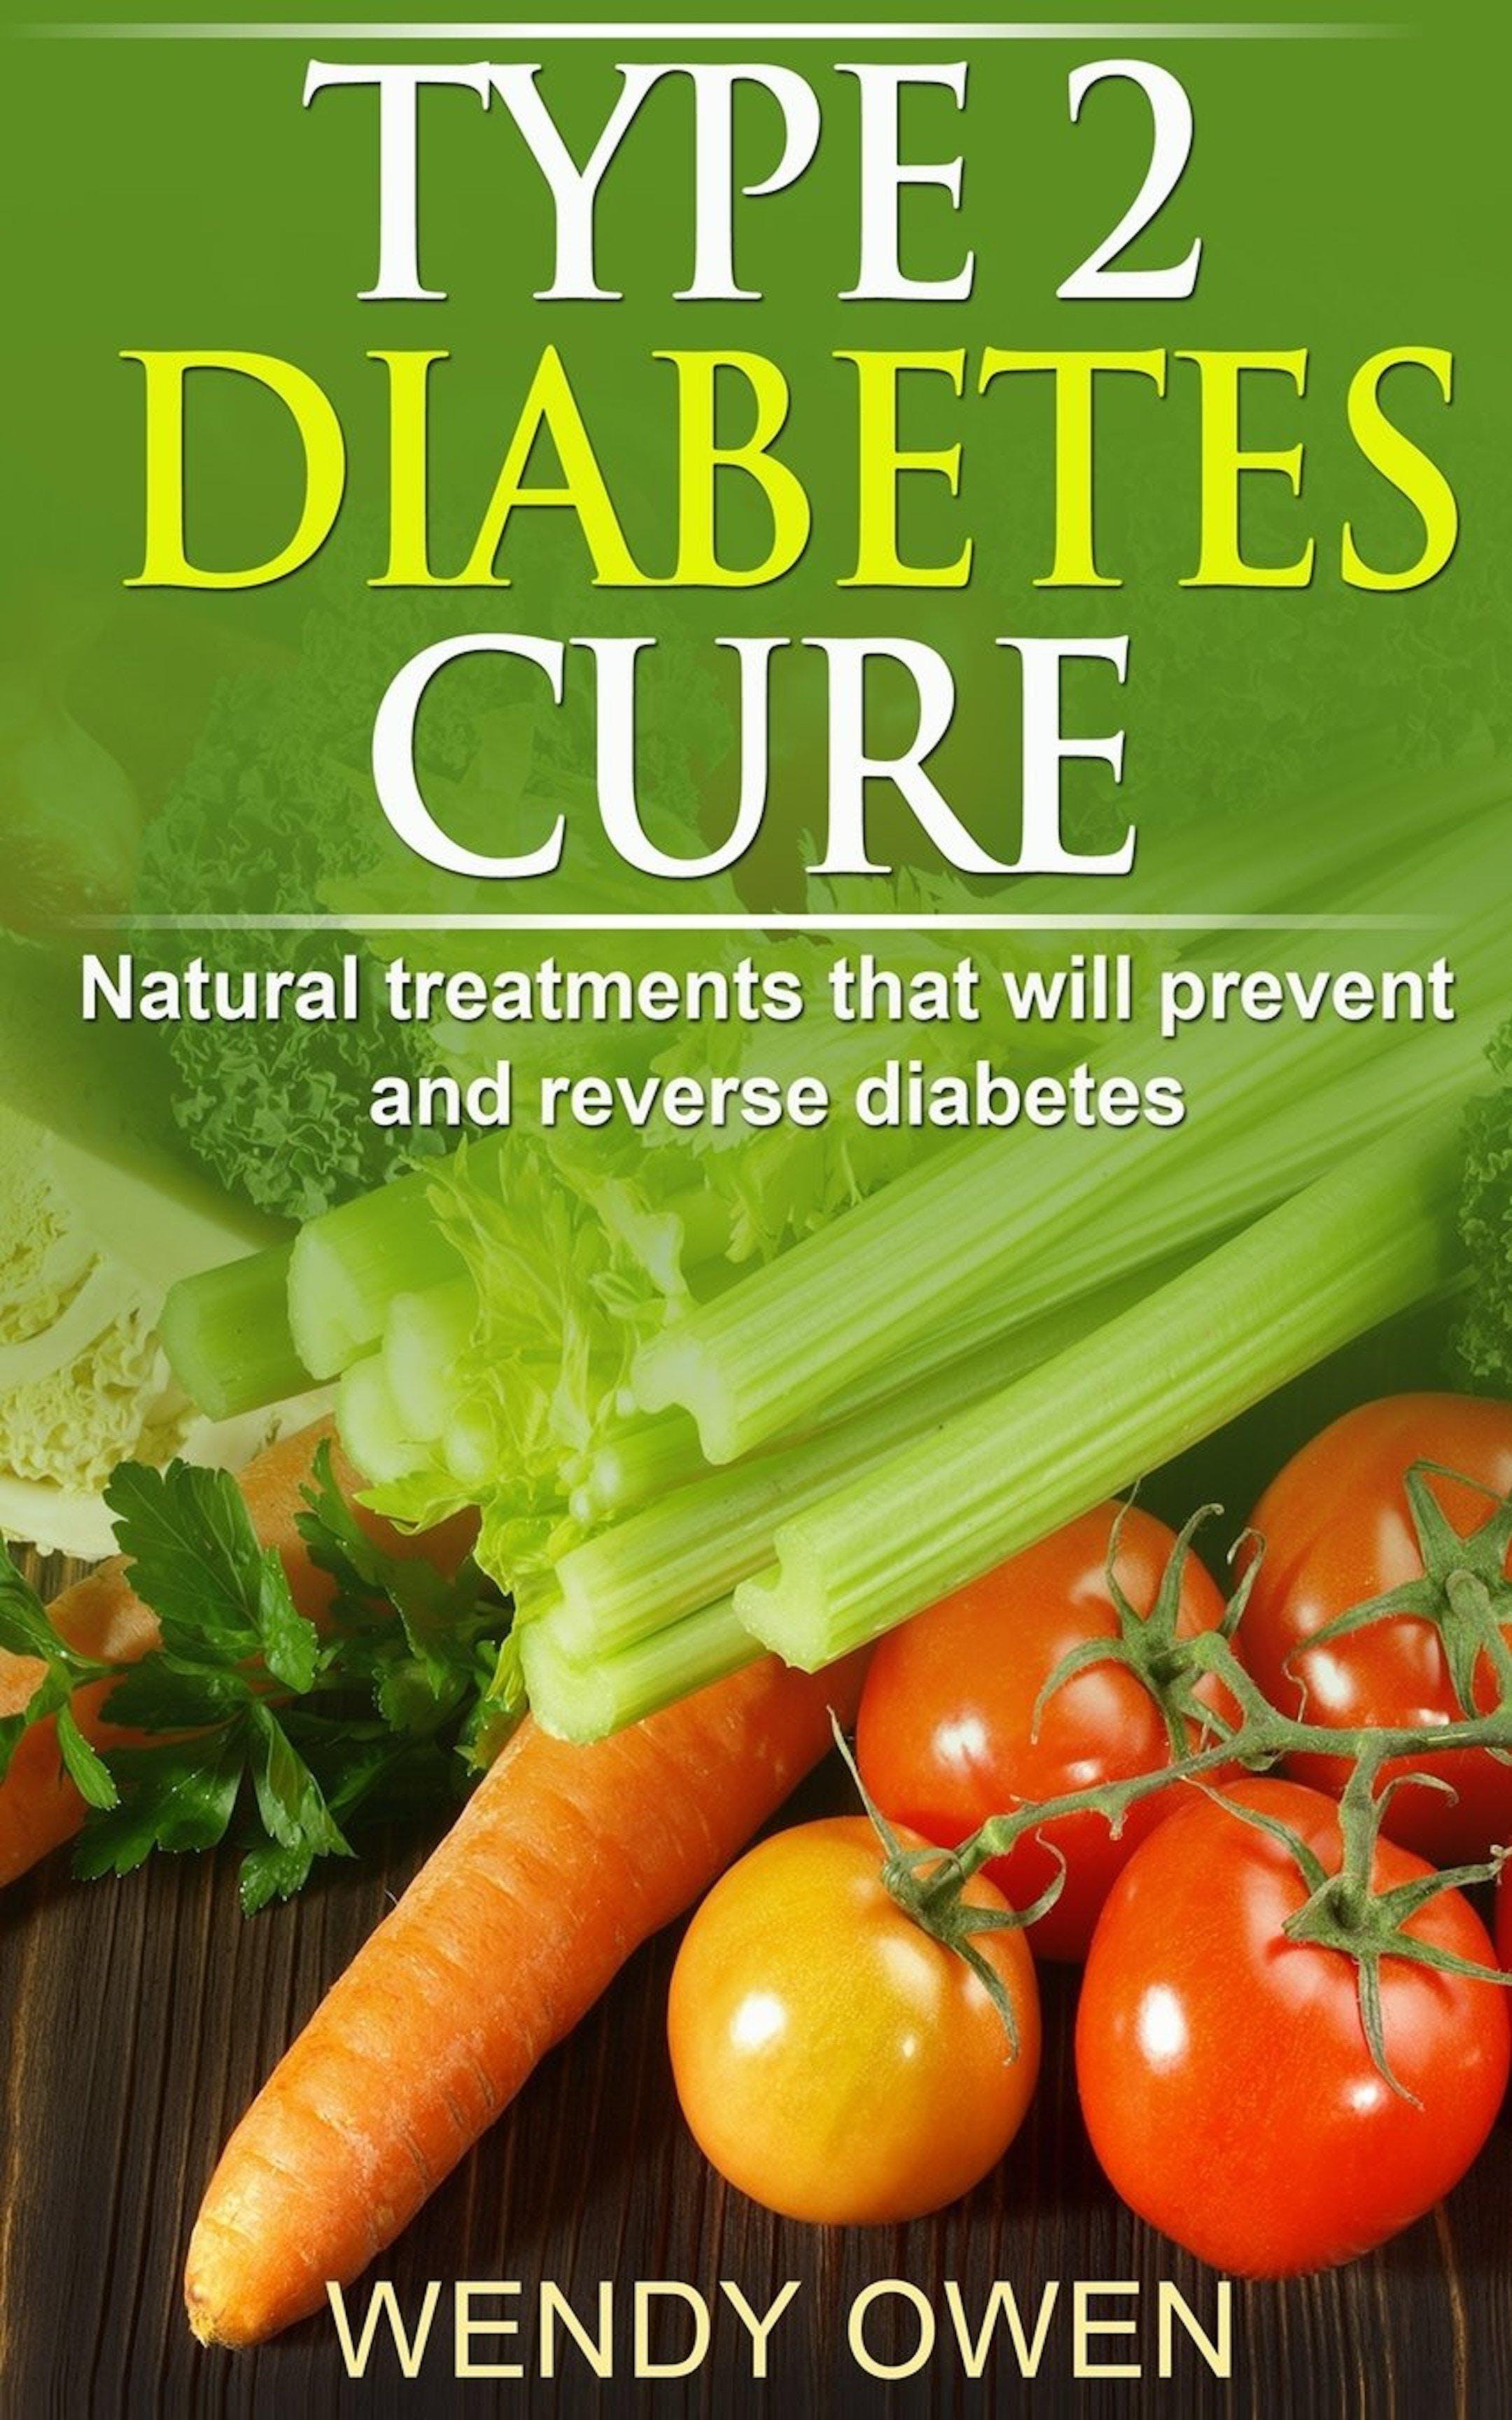 Type 2 Diabetes Reversal Workshop North Platte, Nebraska